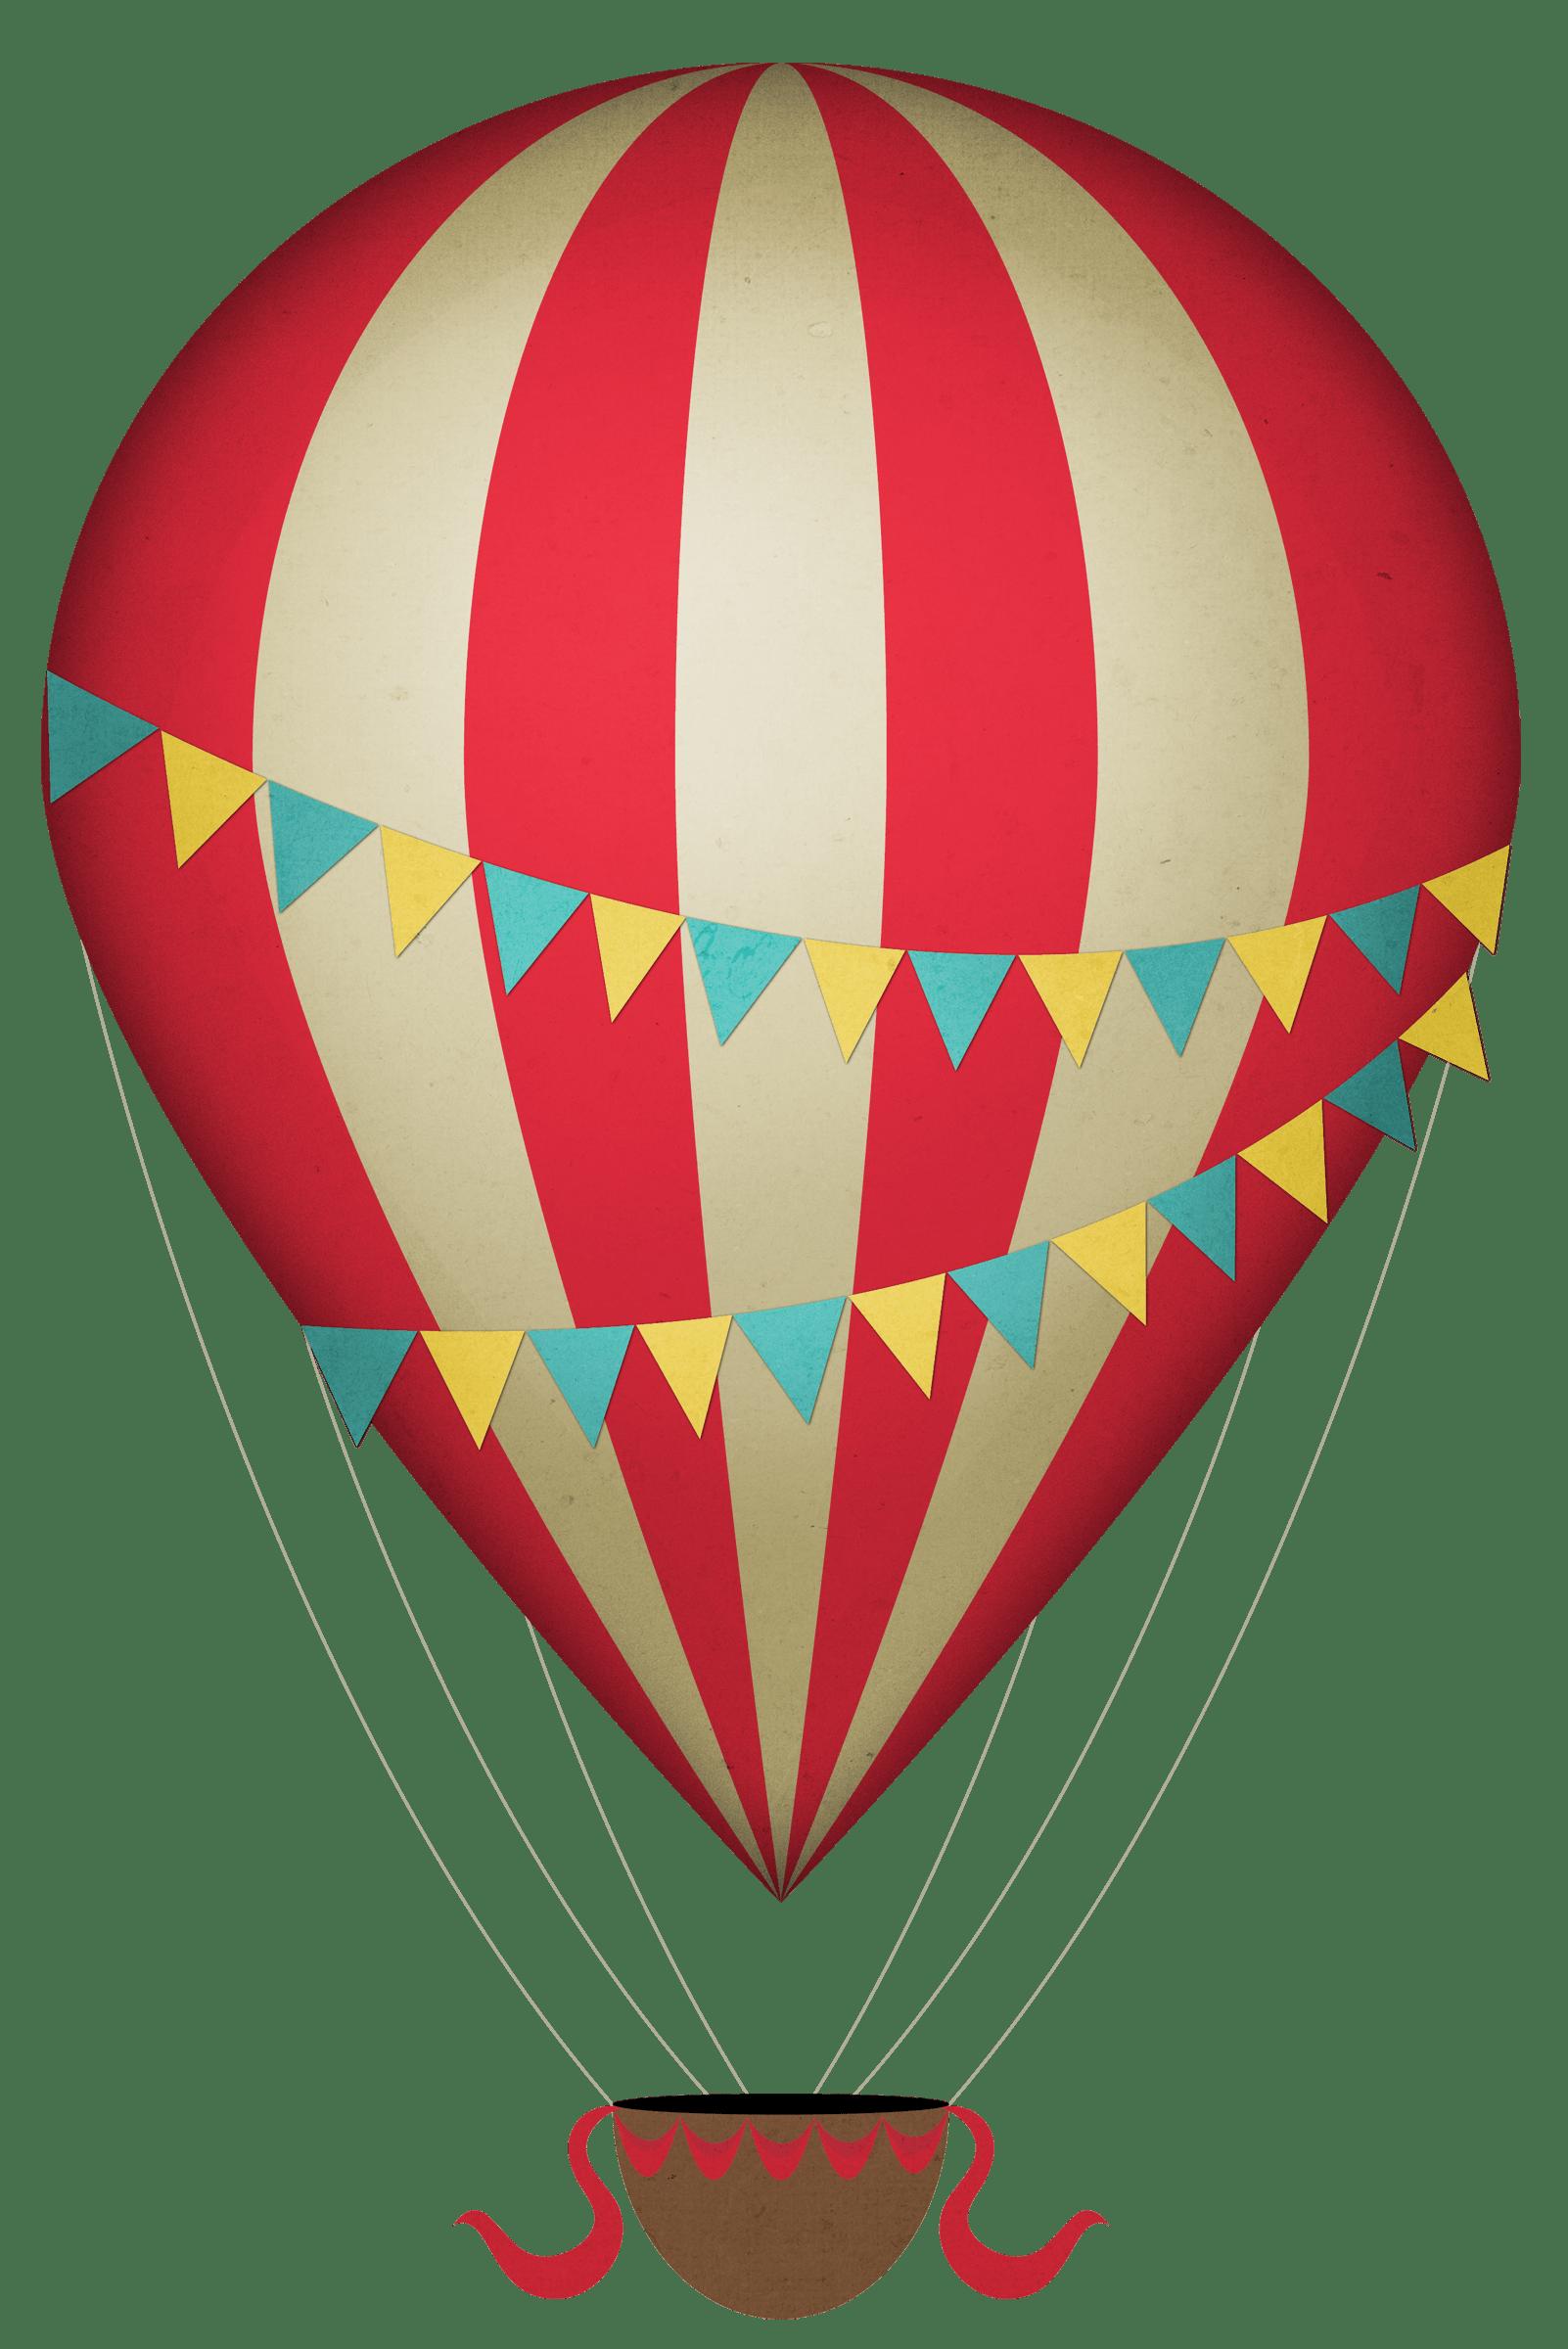 Antique hot air balloon clipart vector royalty free Vintage Clipart Hot Air Balloon transparent PNG - StickPNG vector royalty free